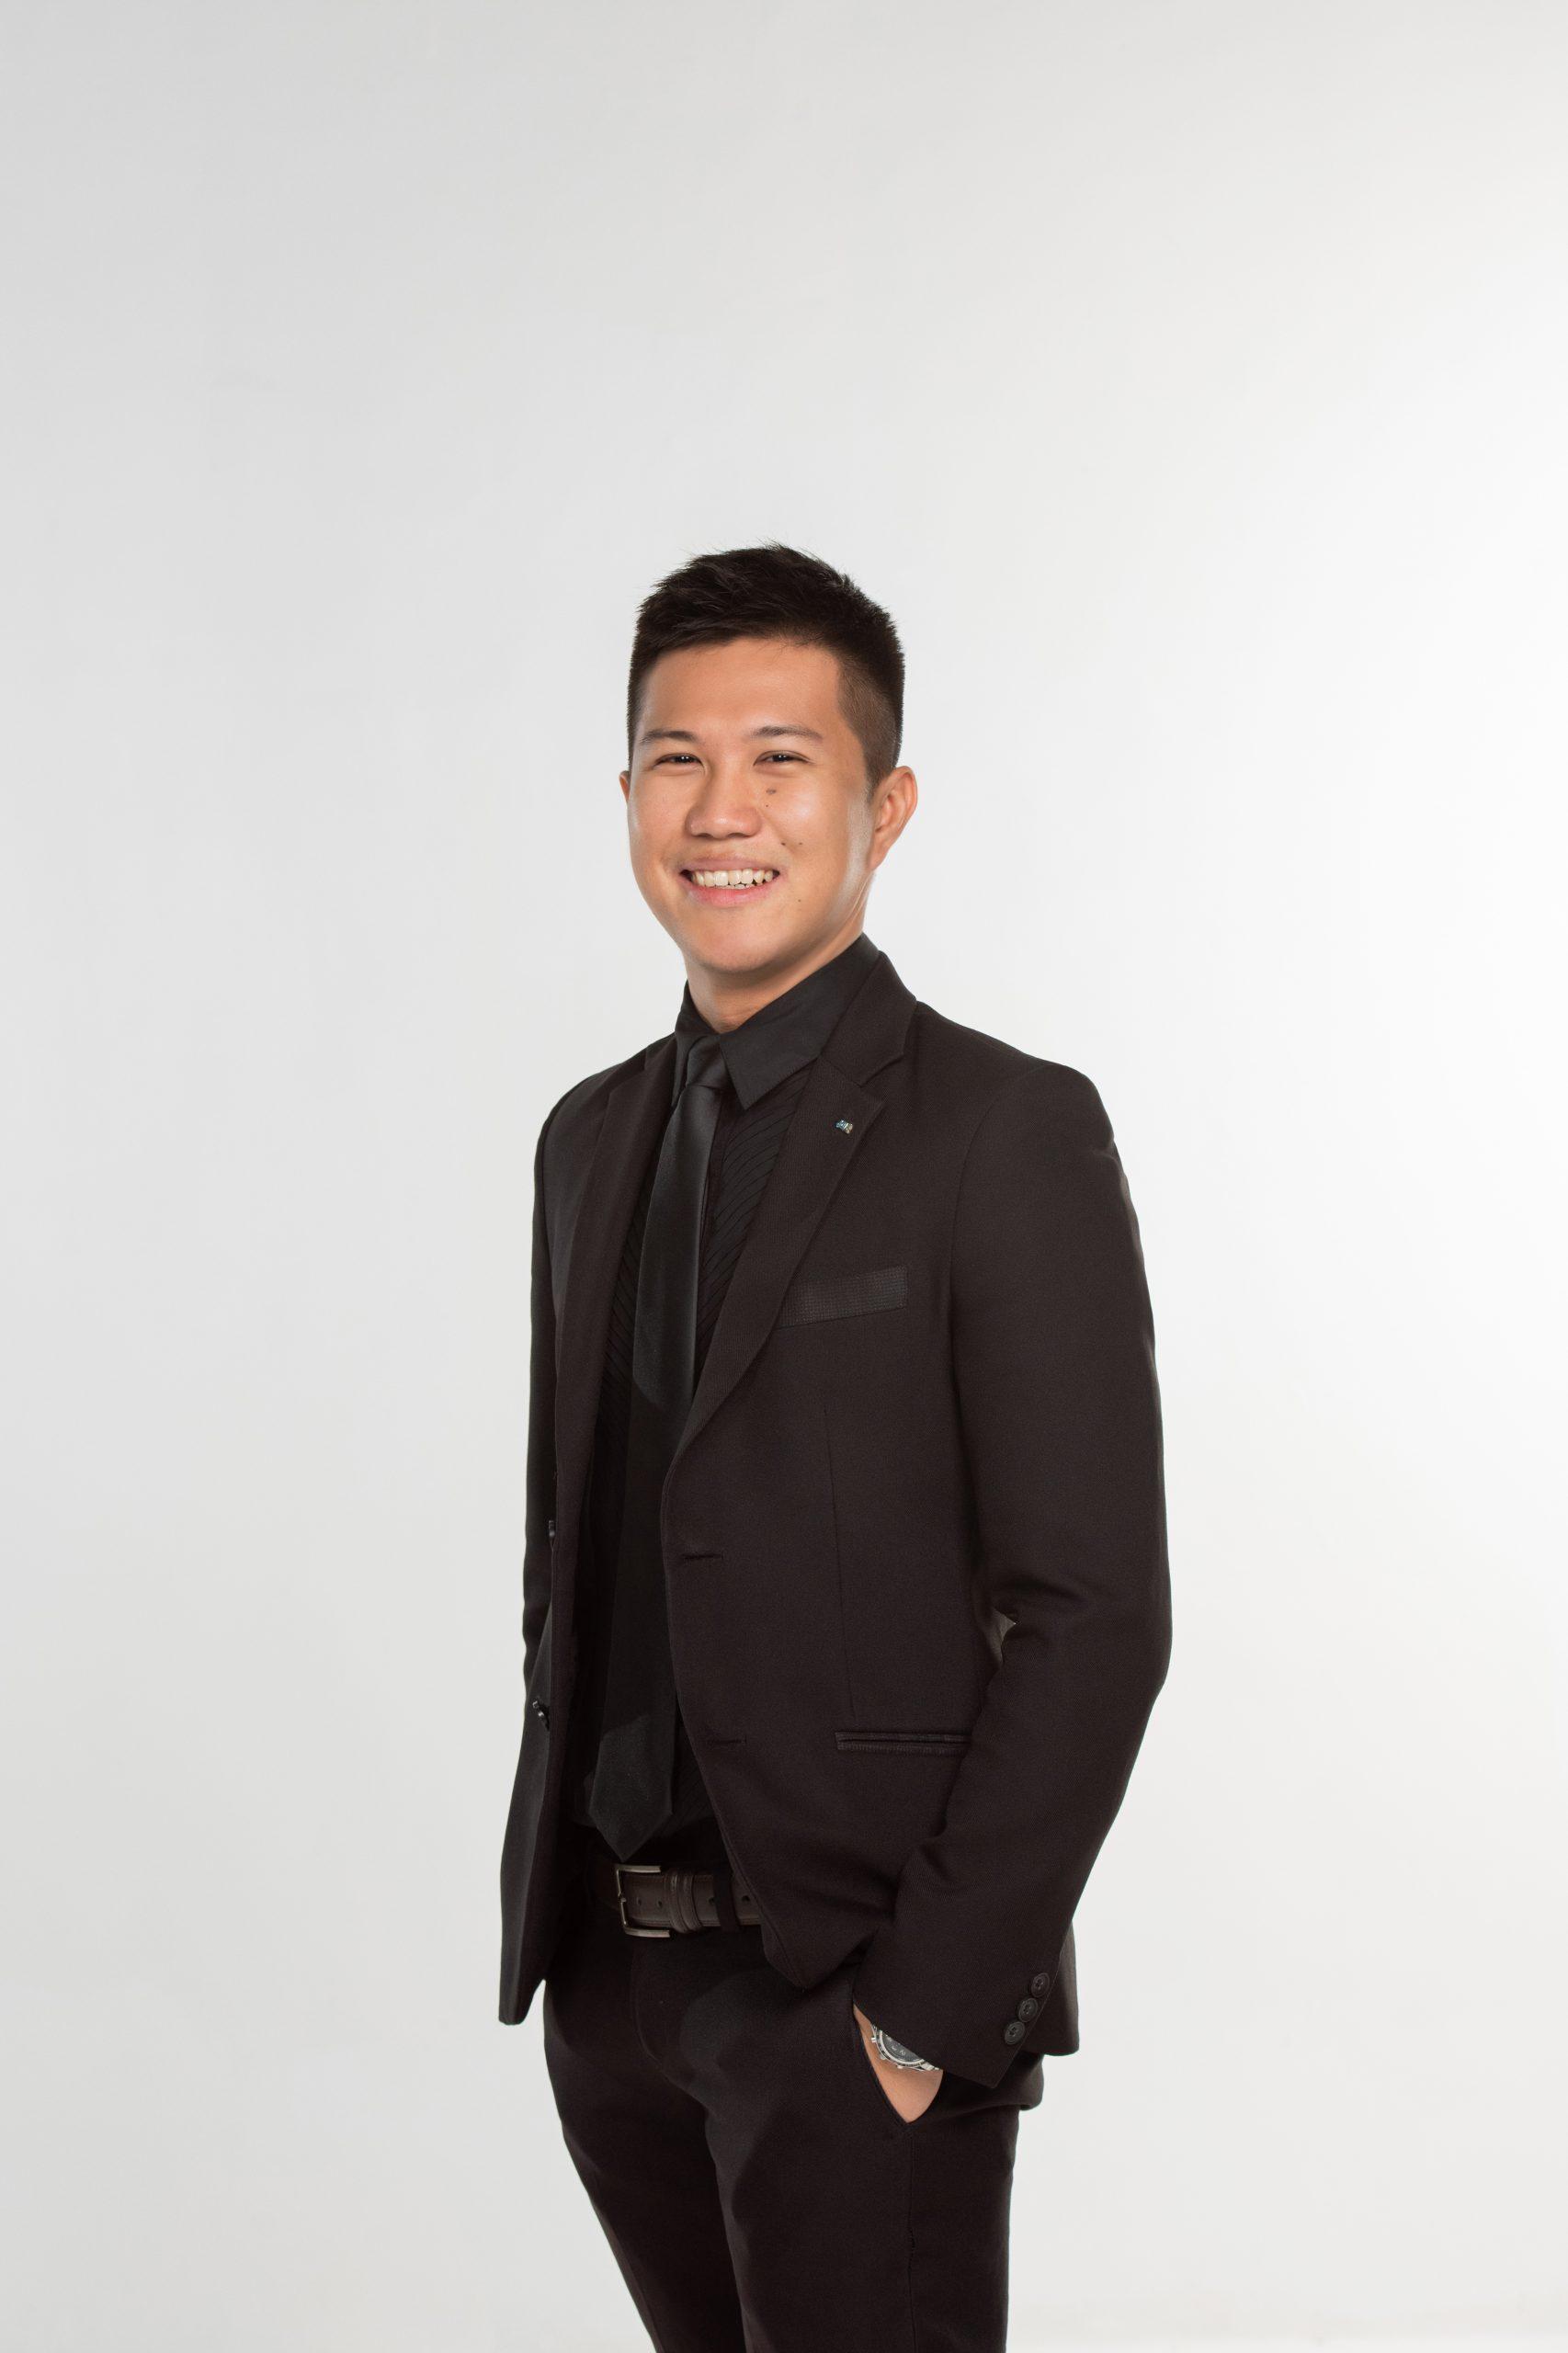 Vincent Leng